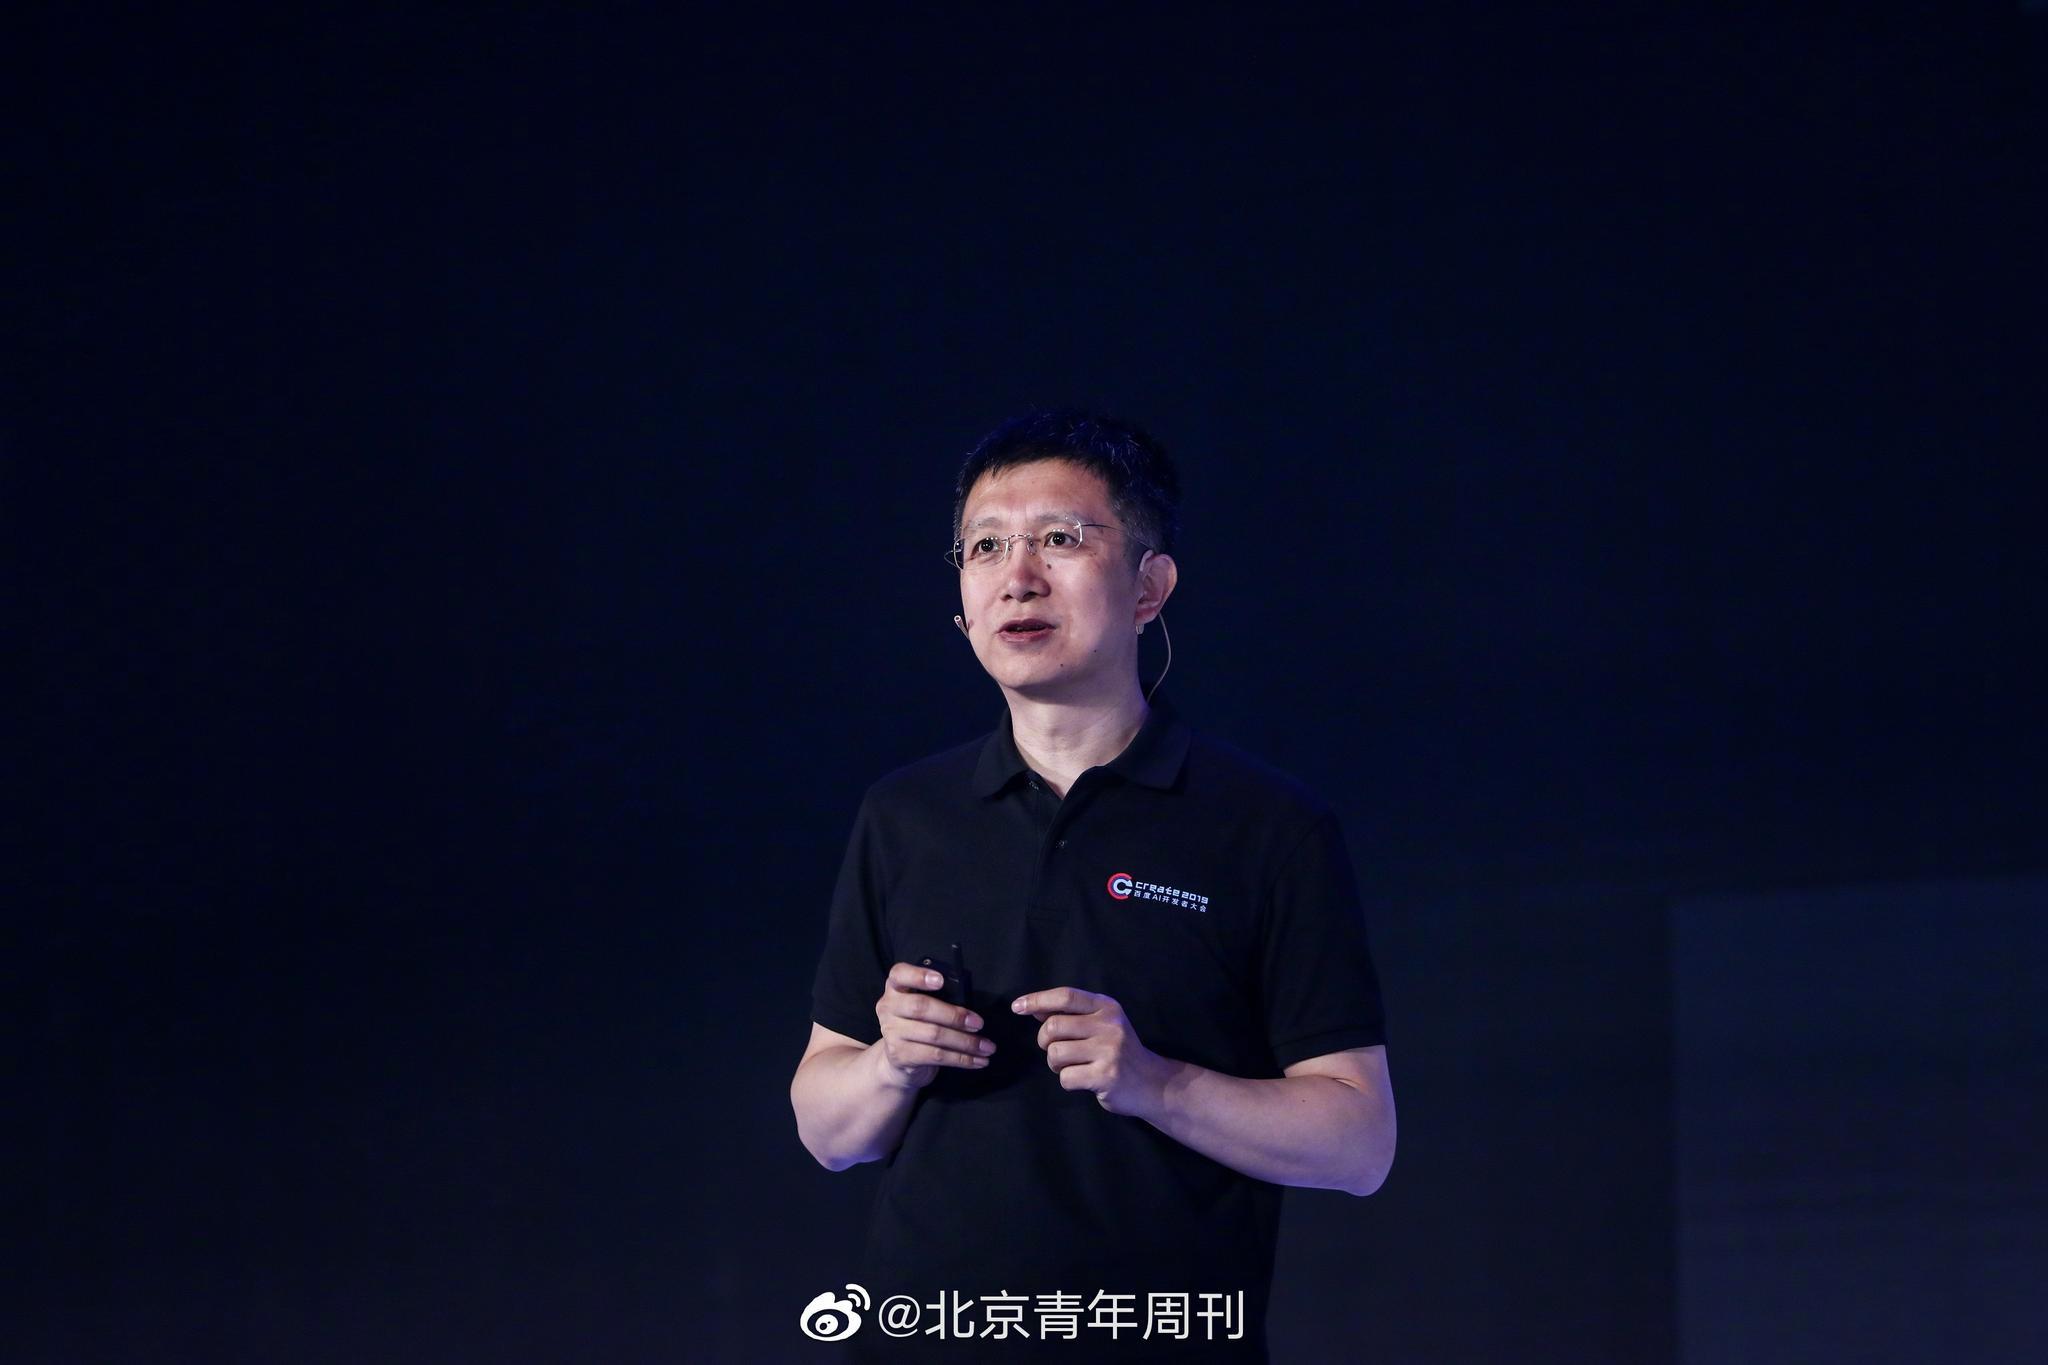 7月3日讯,百度与华为共同宣布双方将联手打通深度学习框架与芯片